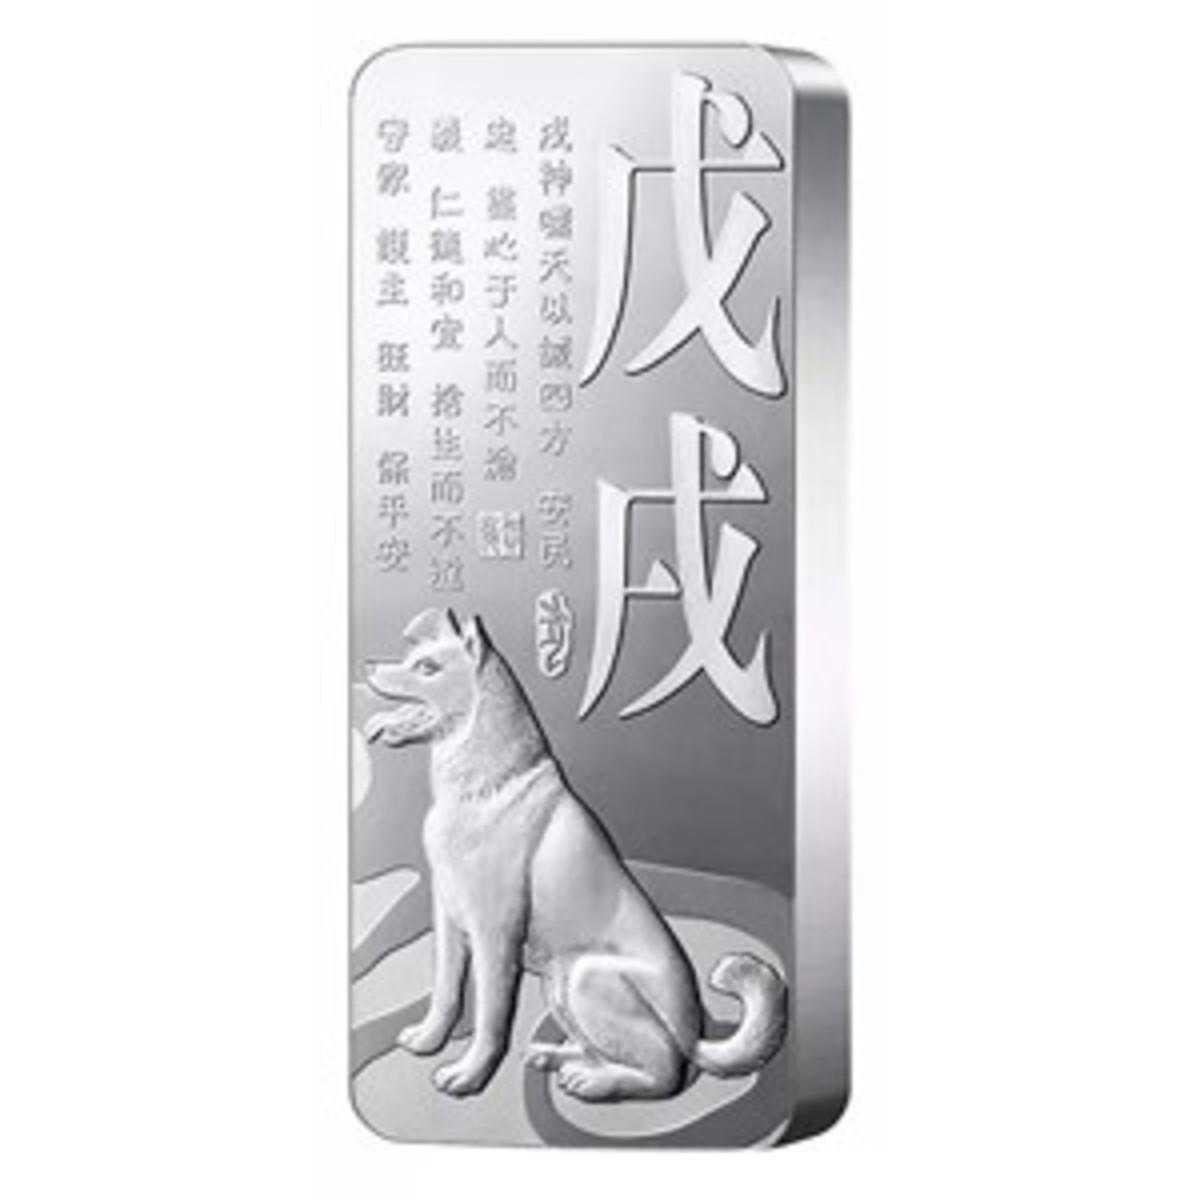 2018 狗年賀歲銀條 200g